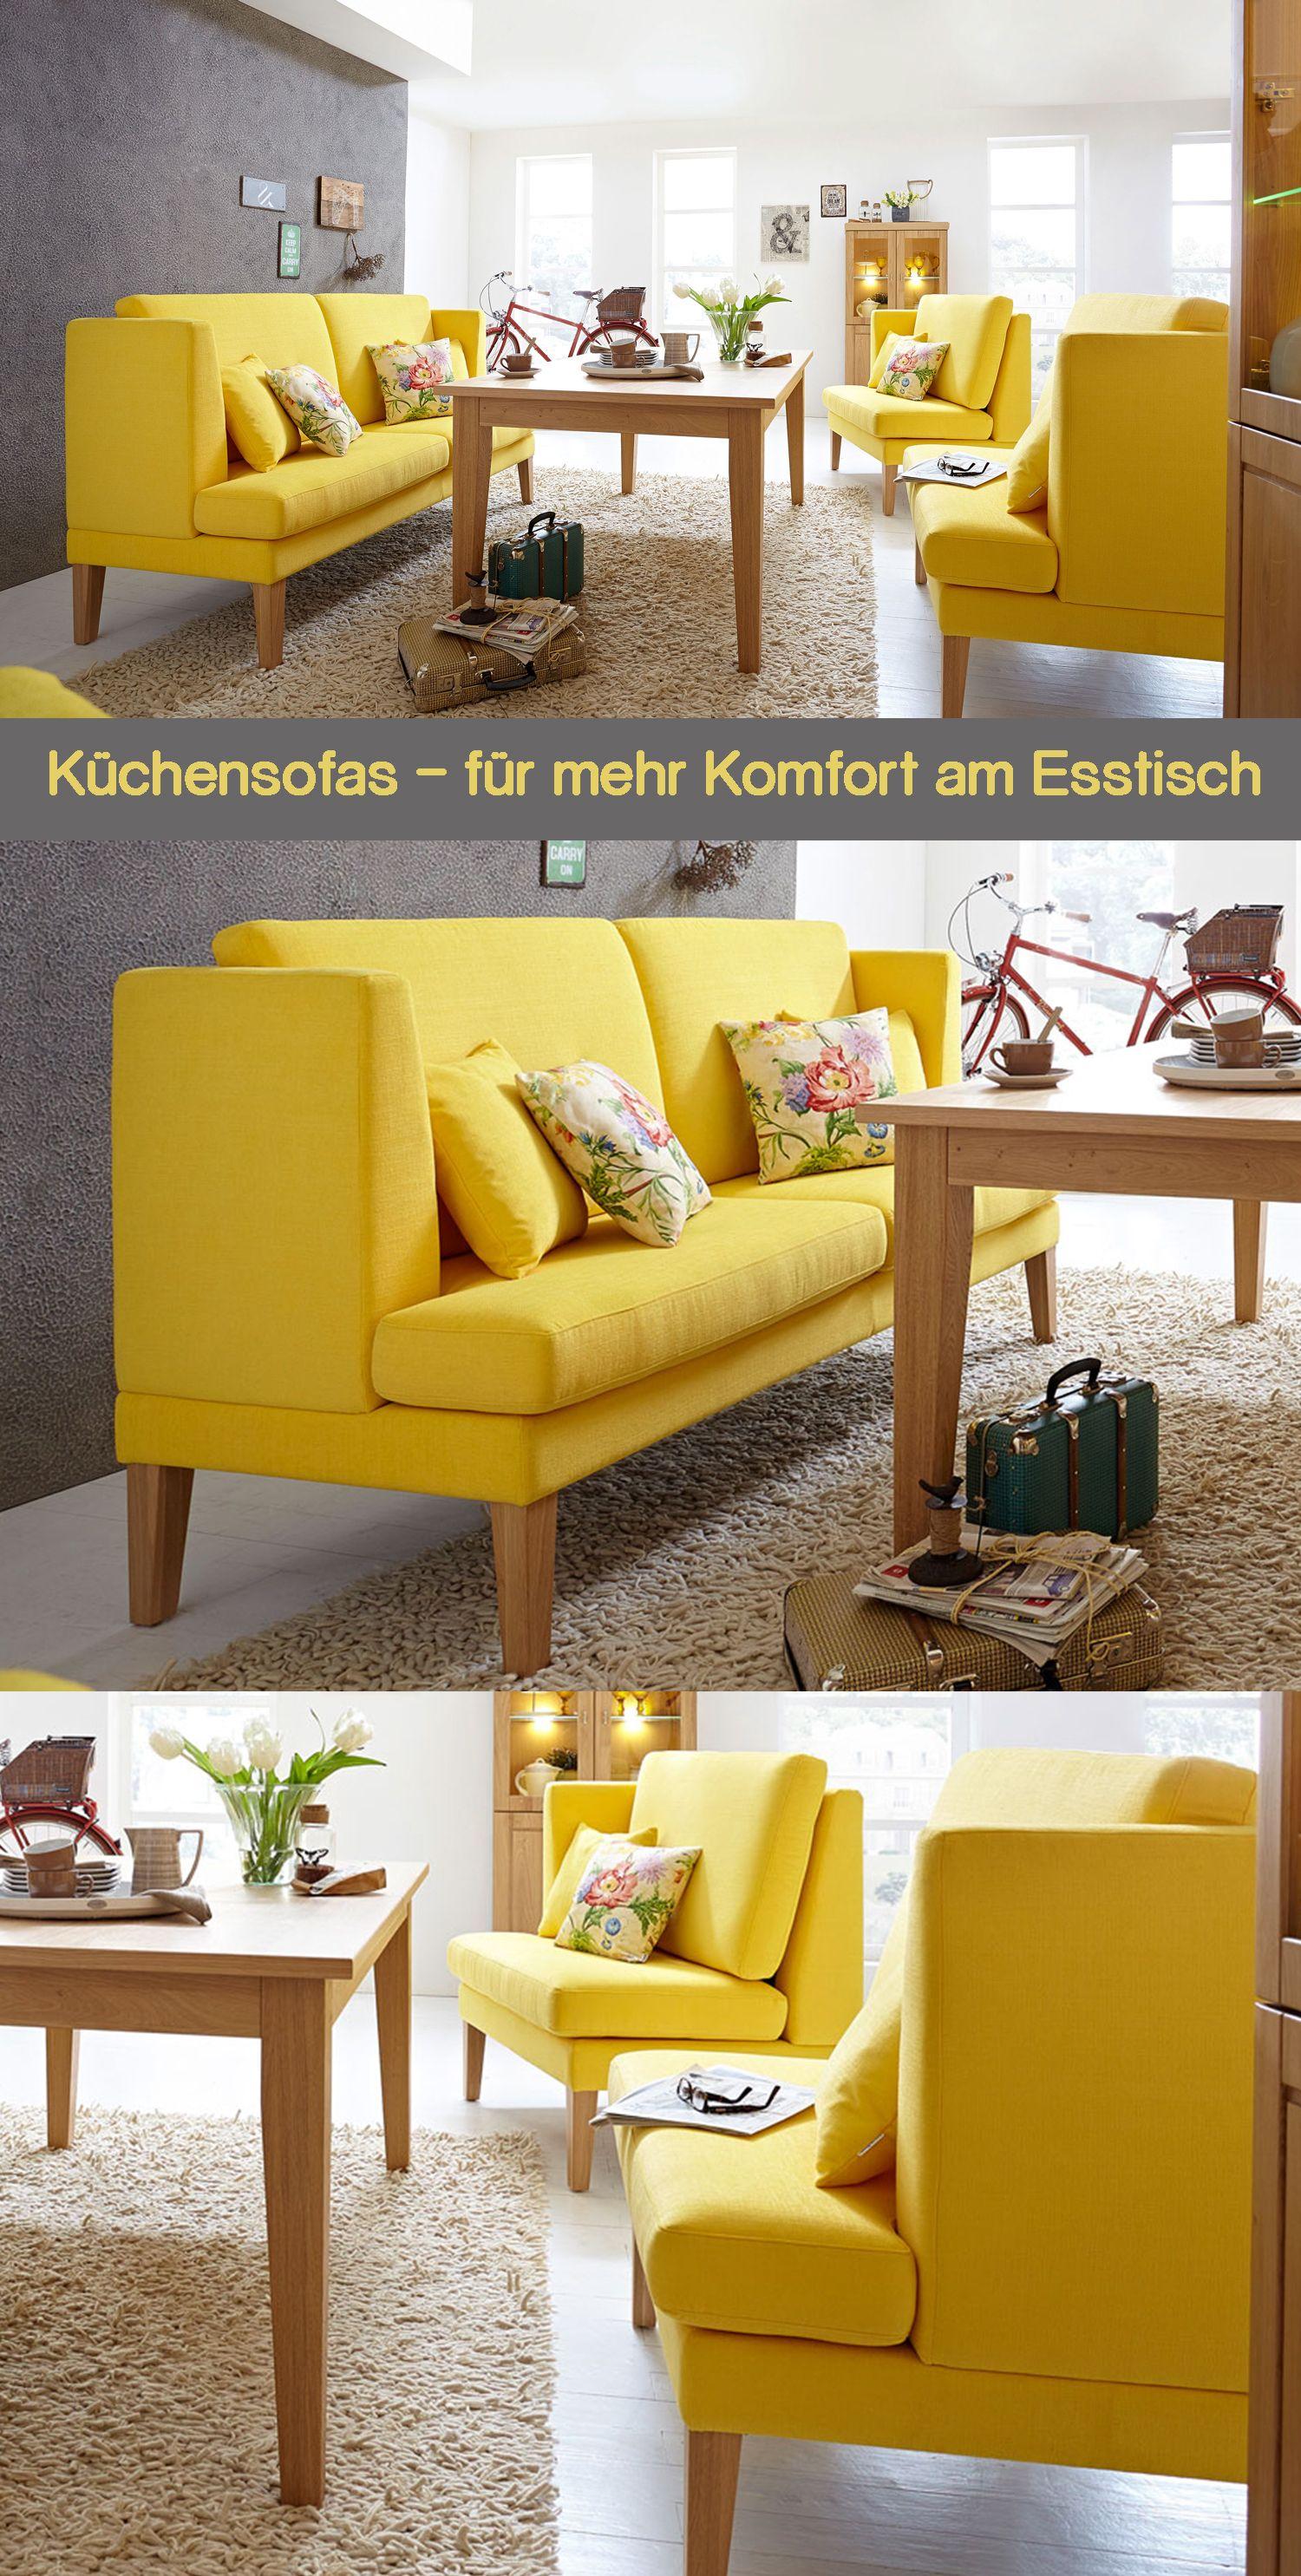 k chensofas f r mehr komfort am esstisch k chensofas sind unglaublich bequem und bringen den. Black Bedroom Furniture Sets. Home Design Ideas